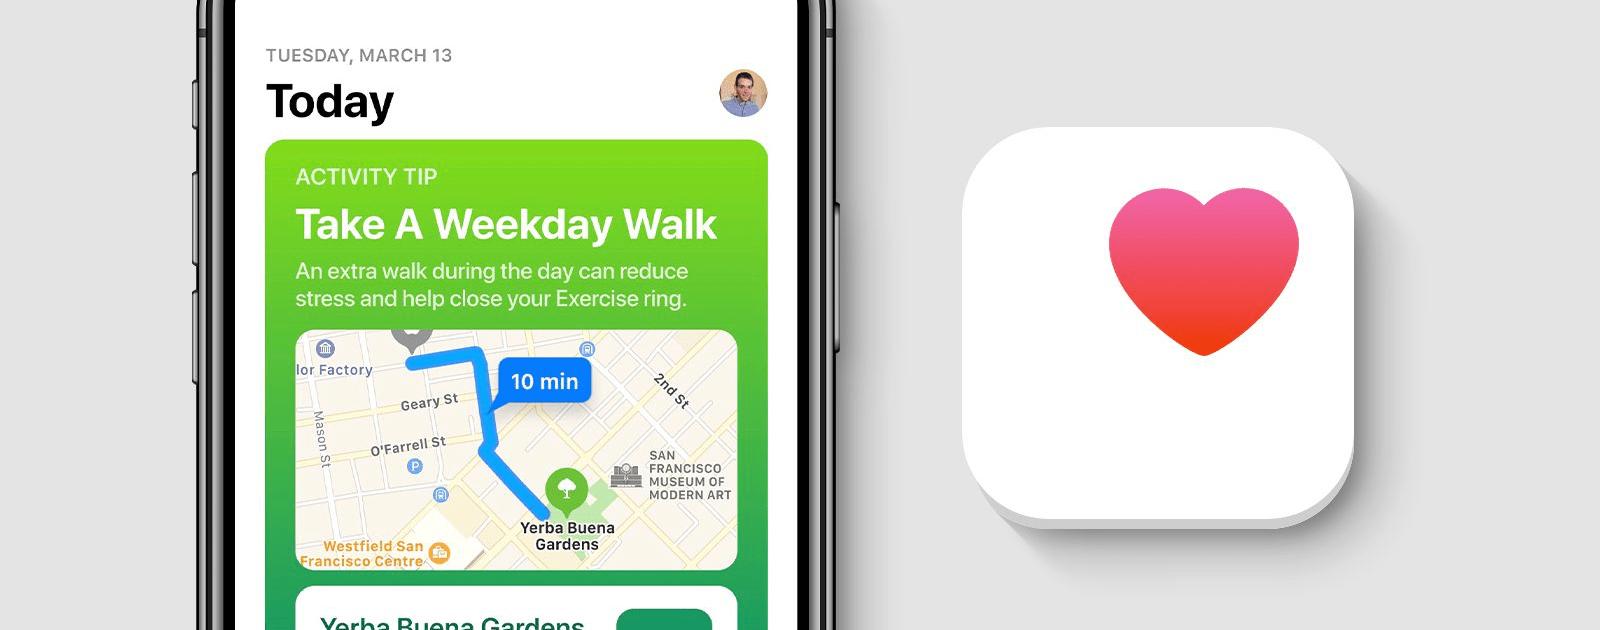 Walgreens Announces Digital Health Platform - The Mac Observer